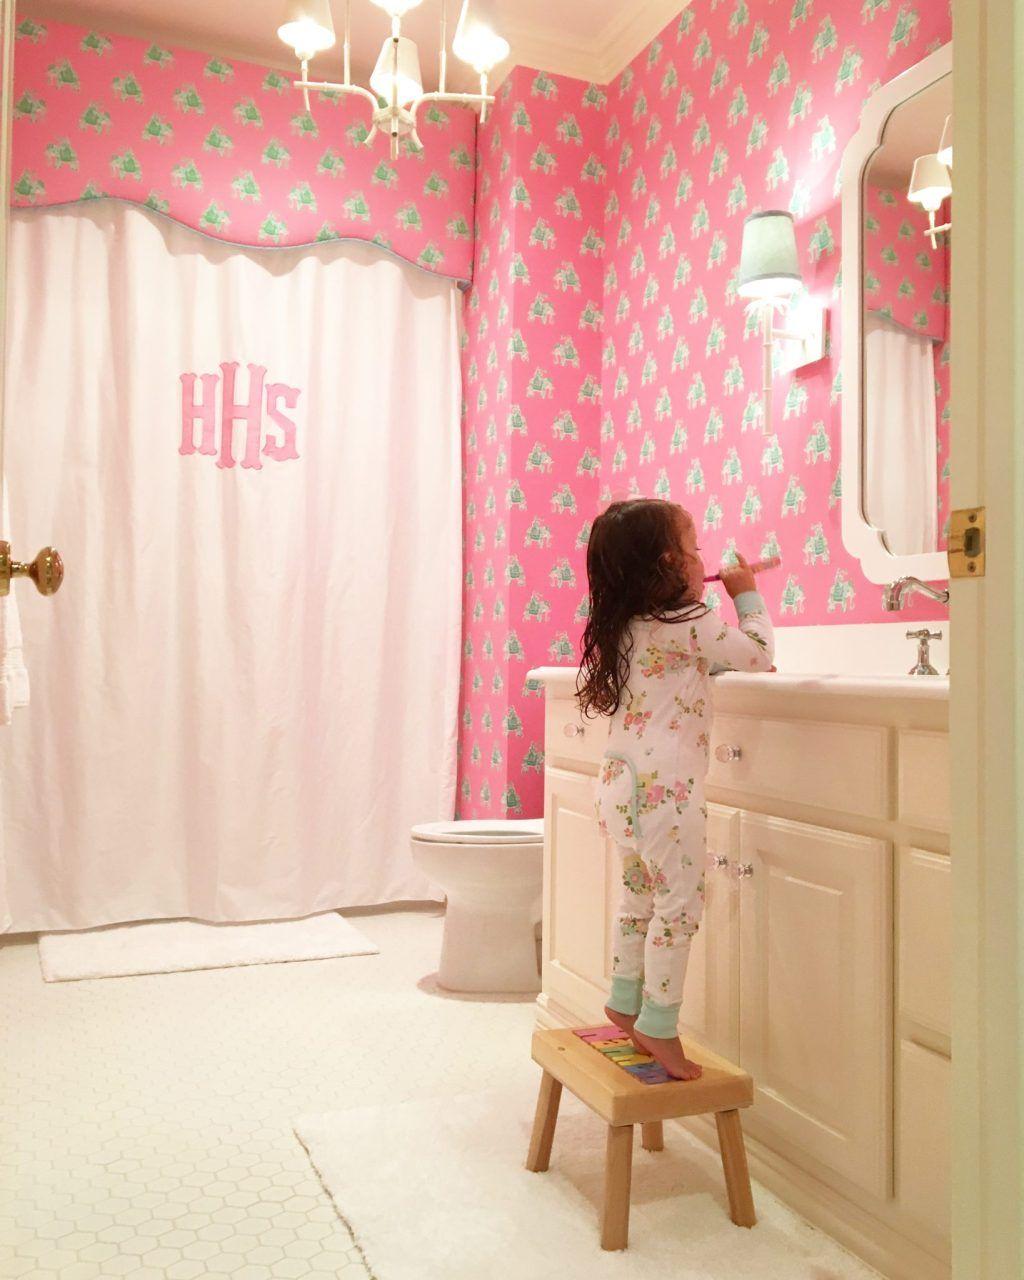 Salle De Bain Dans Chambre Humidite ~ A Glamorous Yet Kid Friendly Dallas Home Les Salles De Bain La